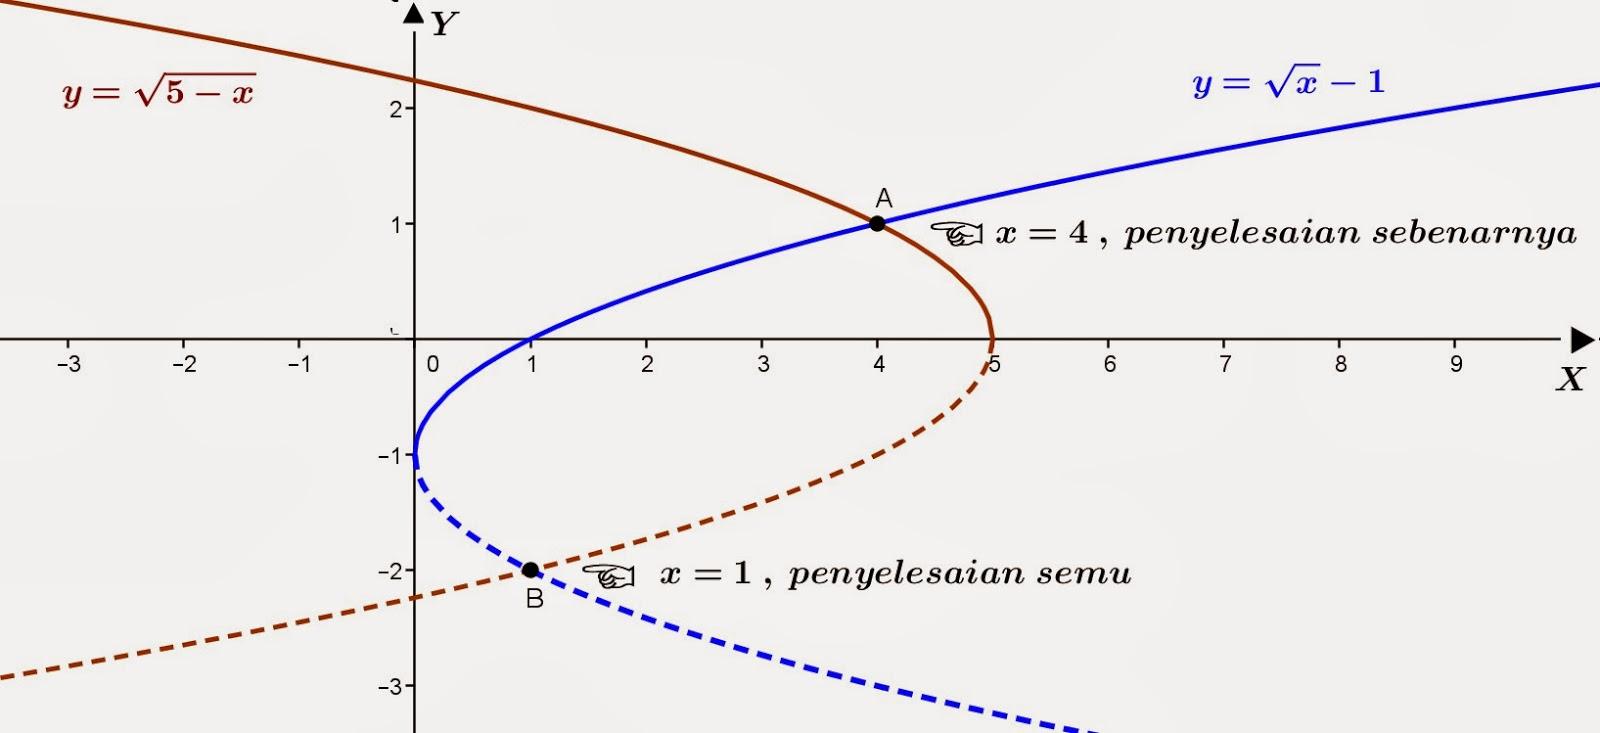 Penyelesaian dengan grafik, yaitu sebagai berikut: